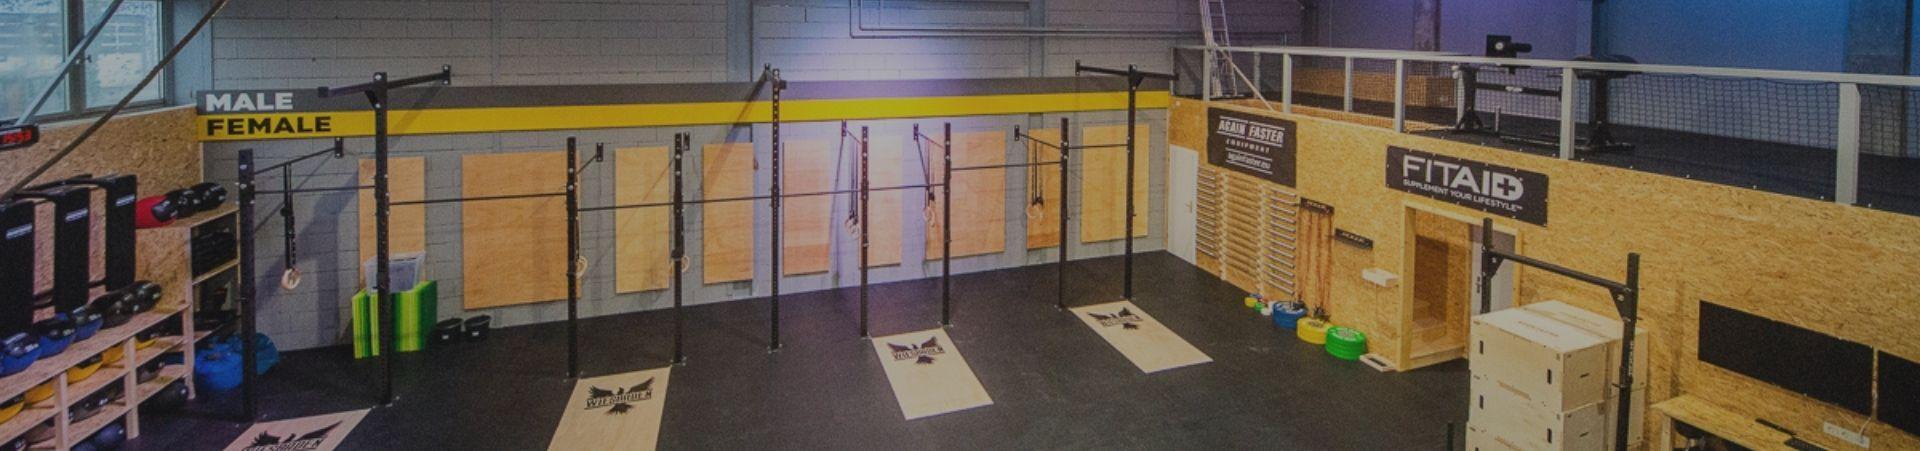 Design Your Dream Gym